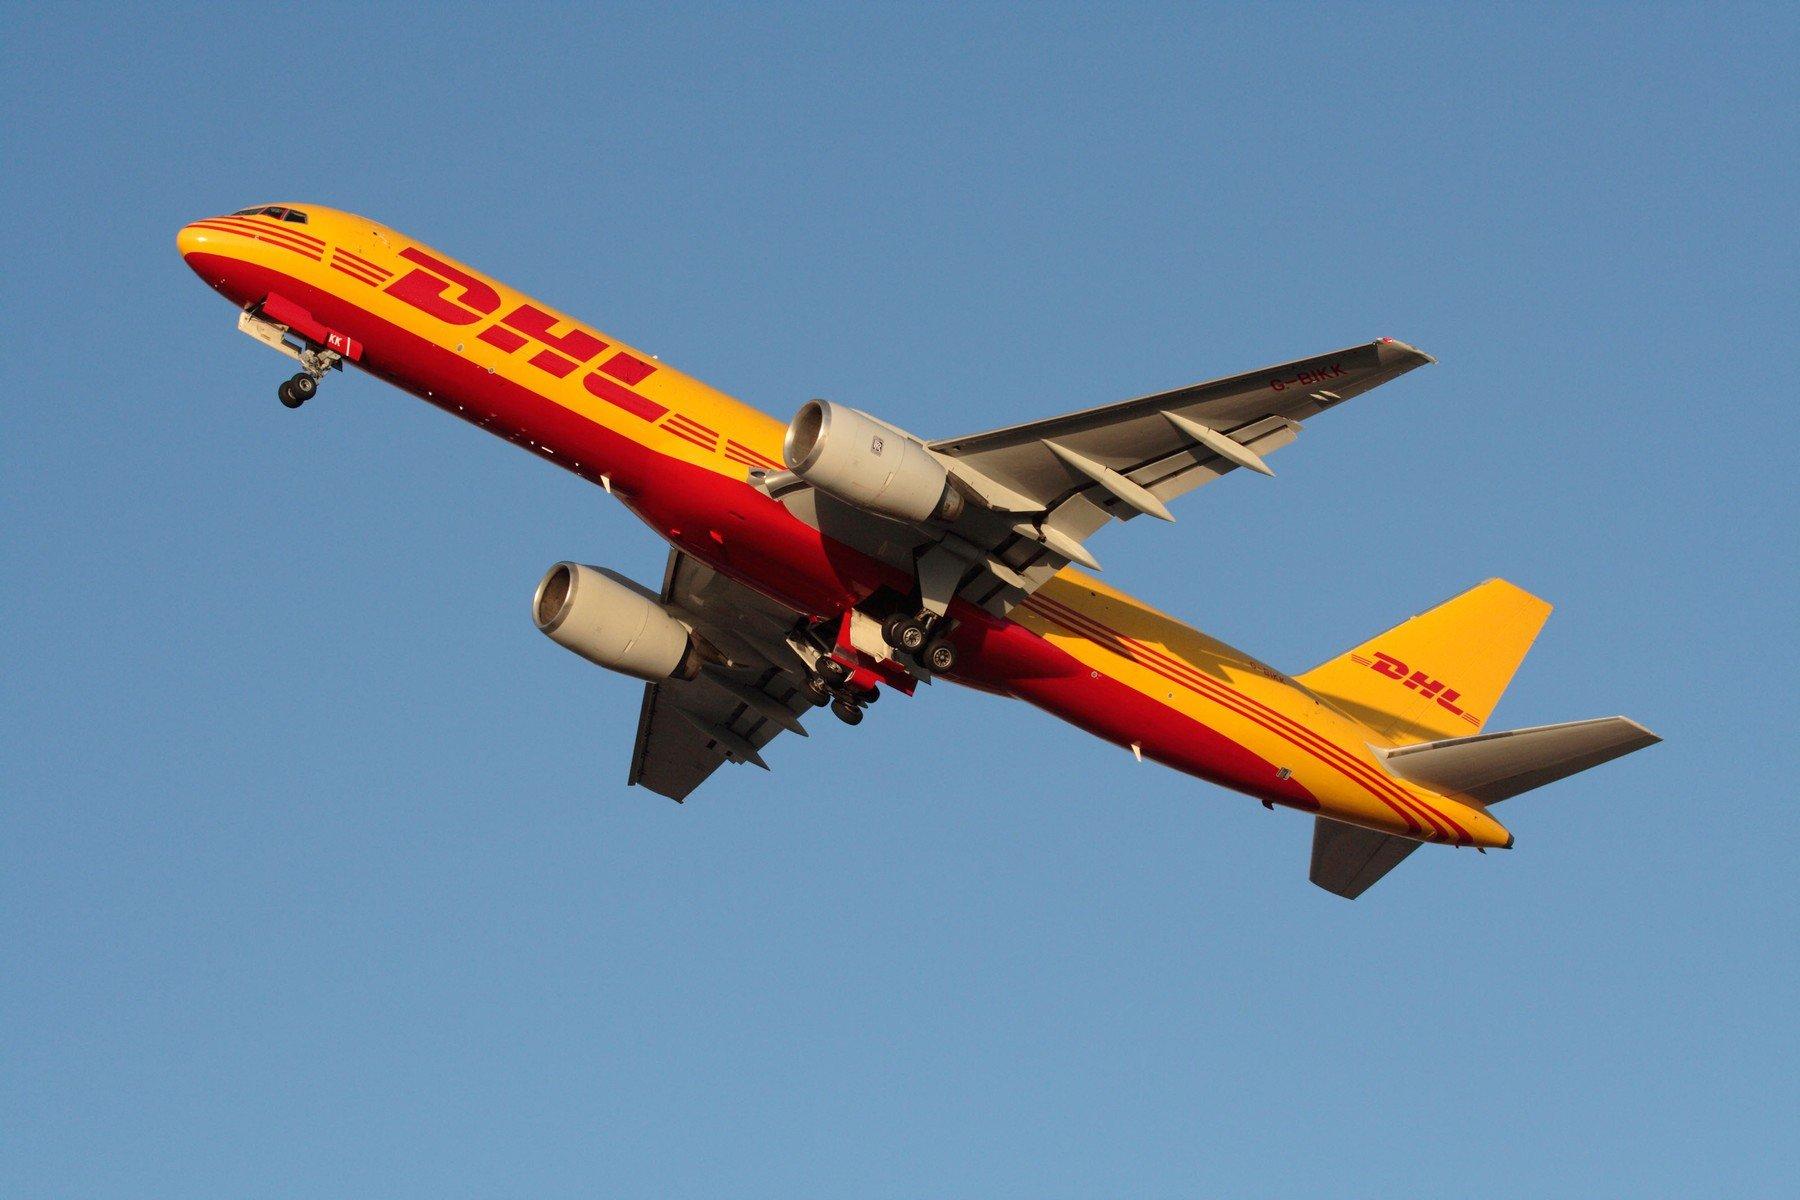 DHL Boeing 757-200F